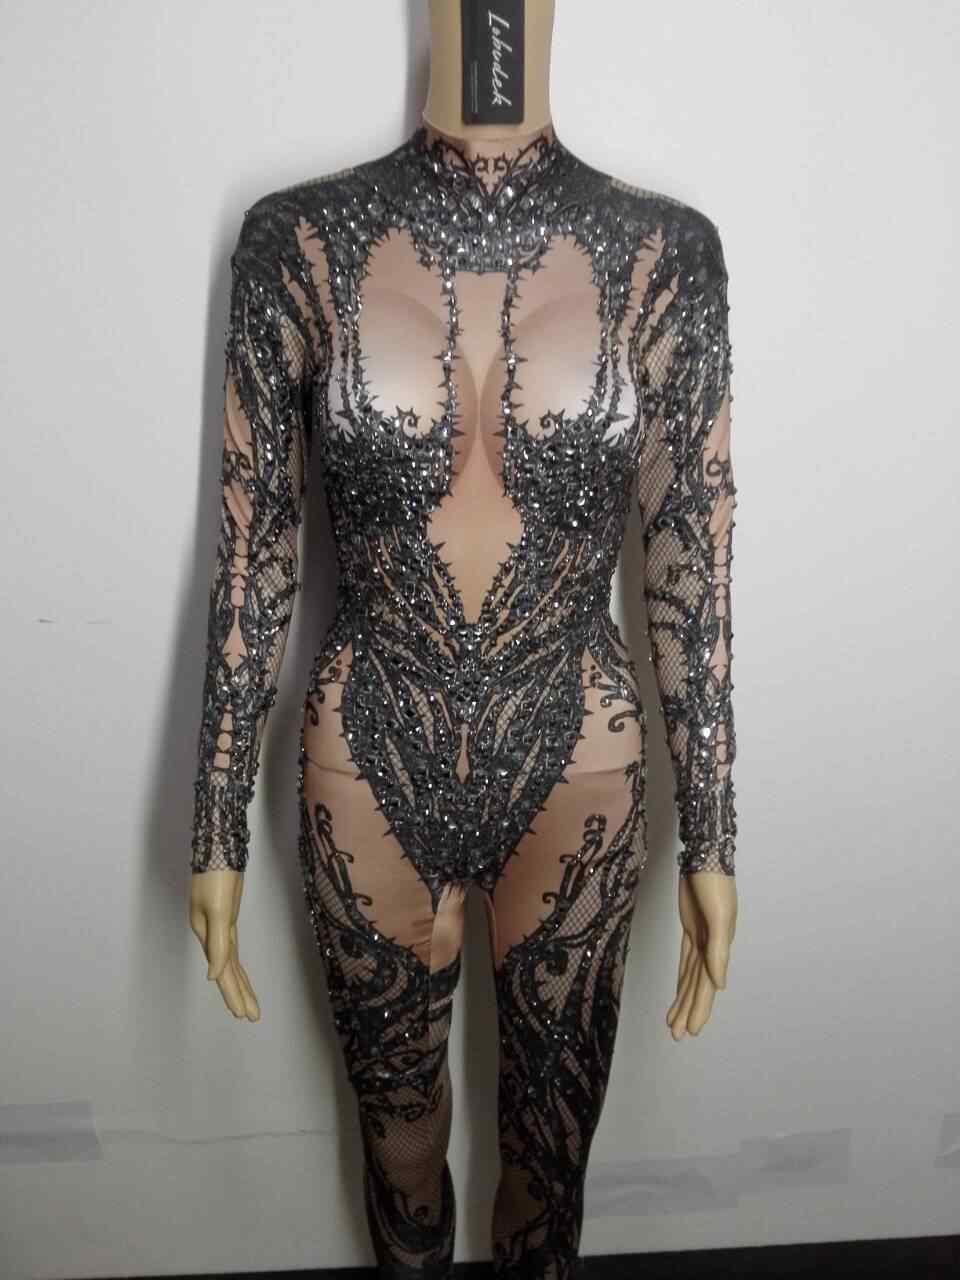 Полный алмаз сексуальный женский комбинезон трико Сияющий боди с кристаллами комбинезон со стразами клубный полюс танцевальное шоу сценические костюмы